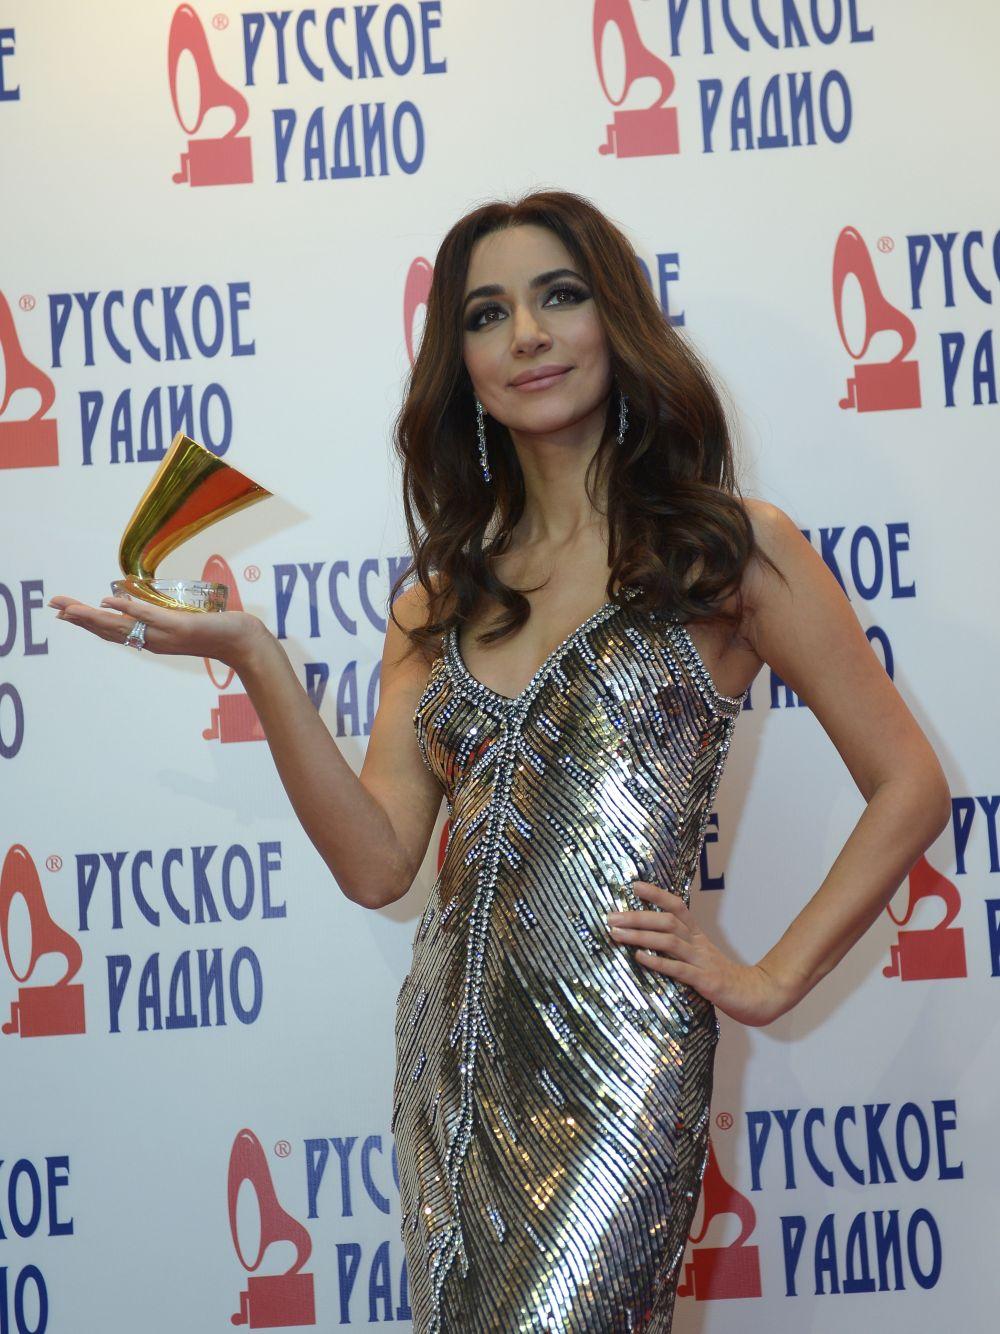 Певица Зара наXXI Церемонии вручения национальной музыкальной премии «Золотой граммофон» вСК«Олимпийский» вМоскве.